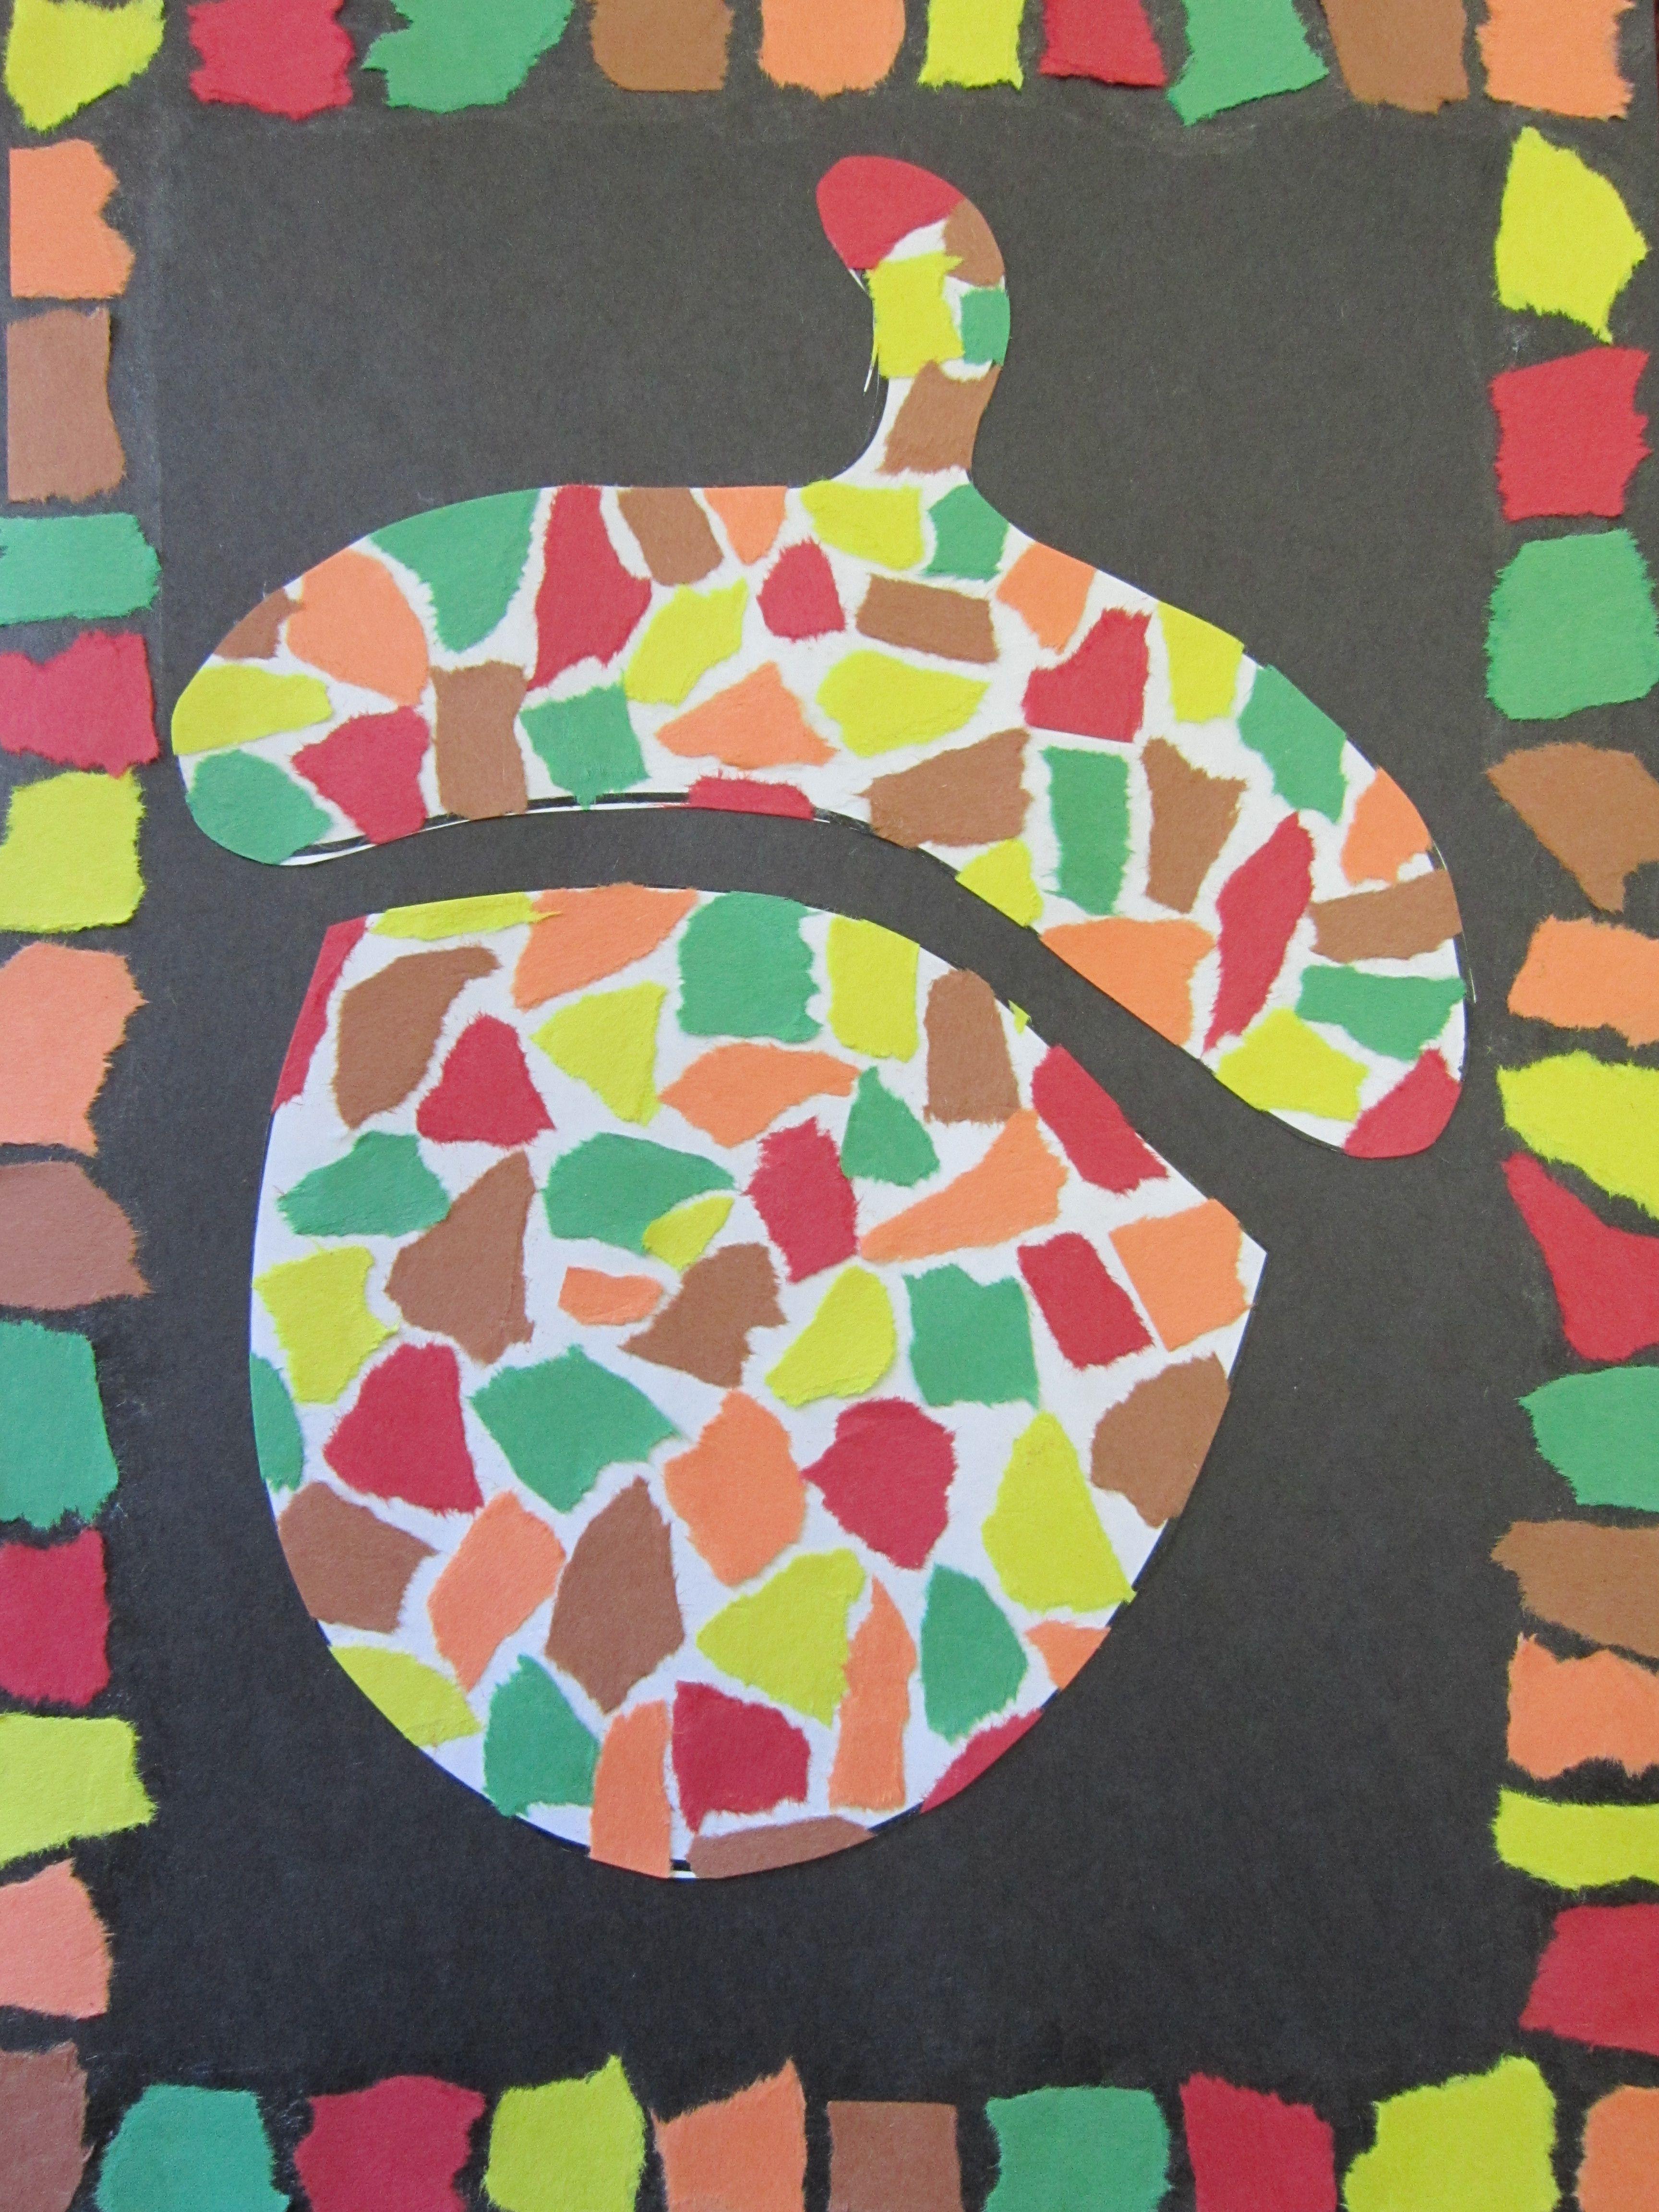 Top Herfstknutselwerkje voor kinderen in de vorm van een eikel. Laat @QV29